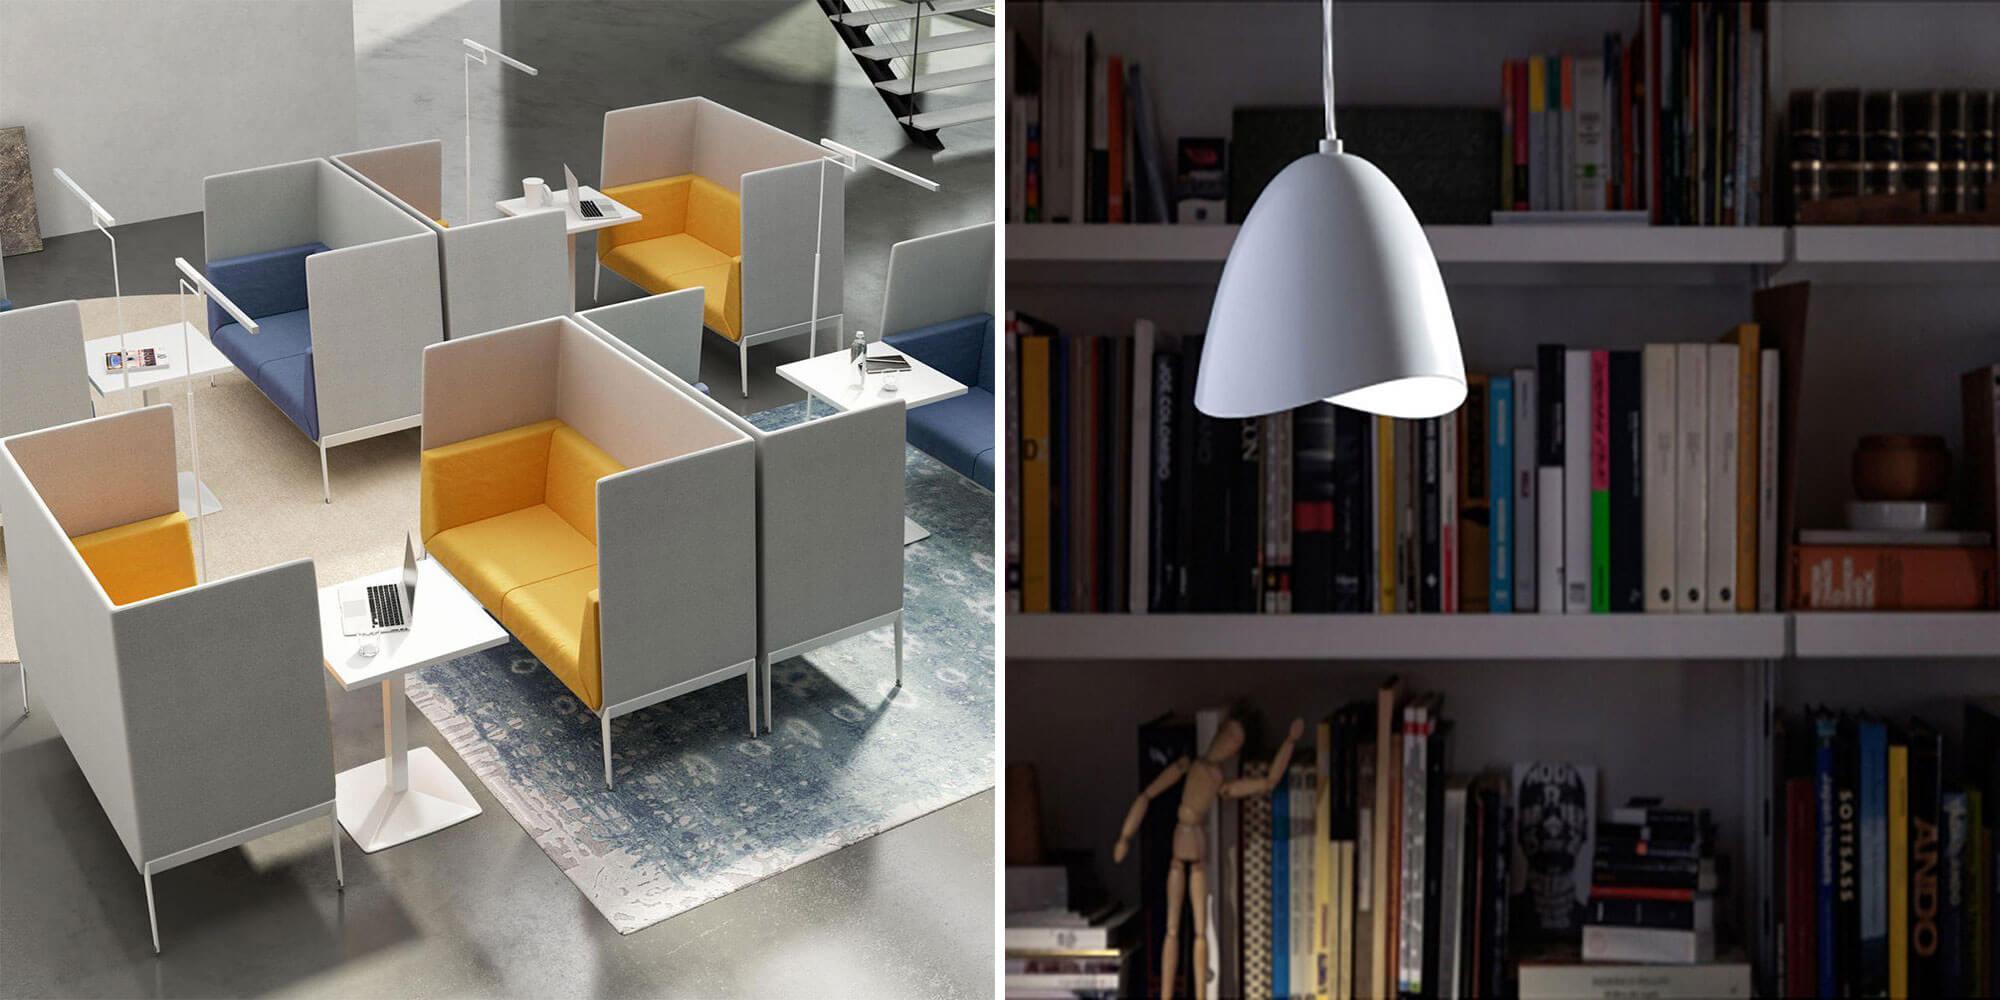 Illuminazione degli ambienti curata e funzionale